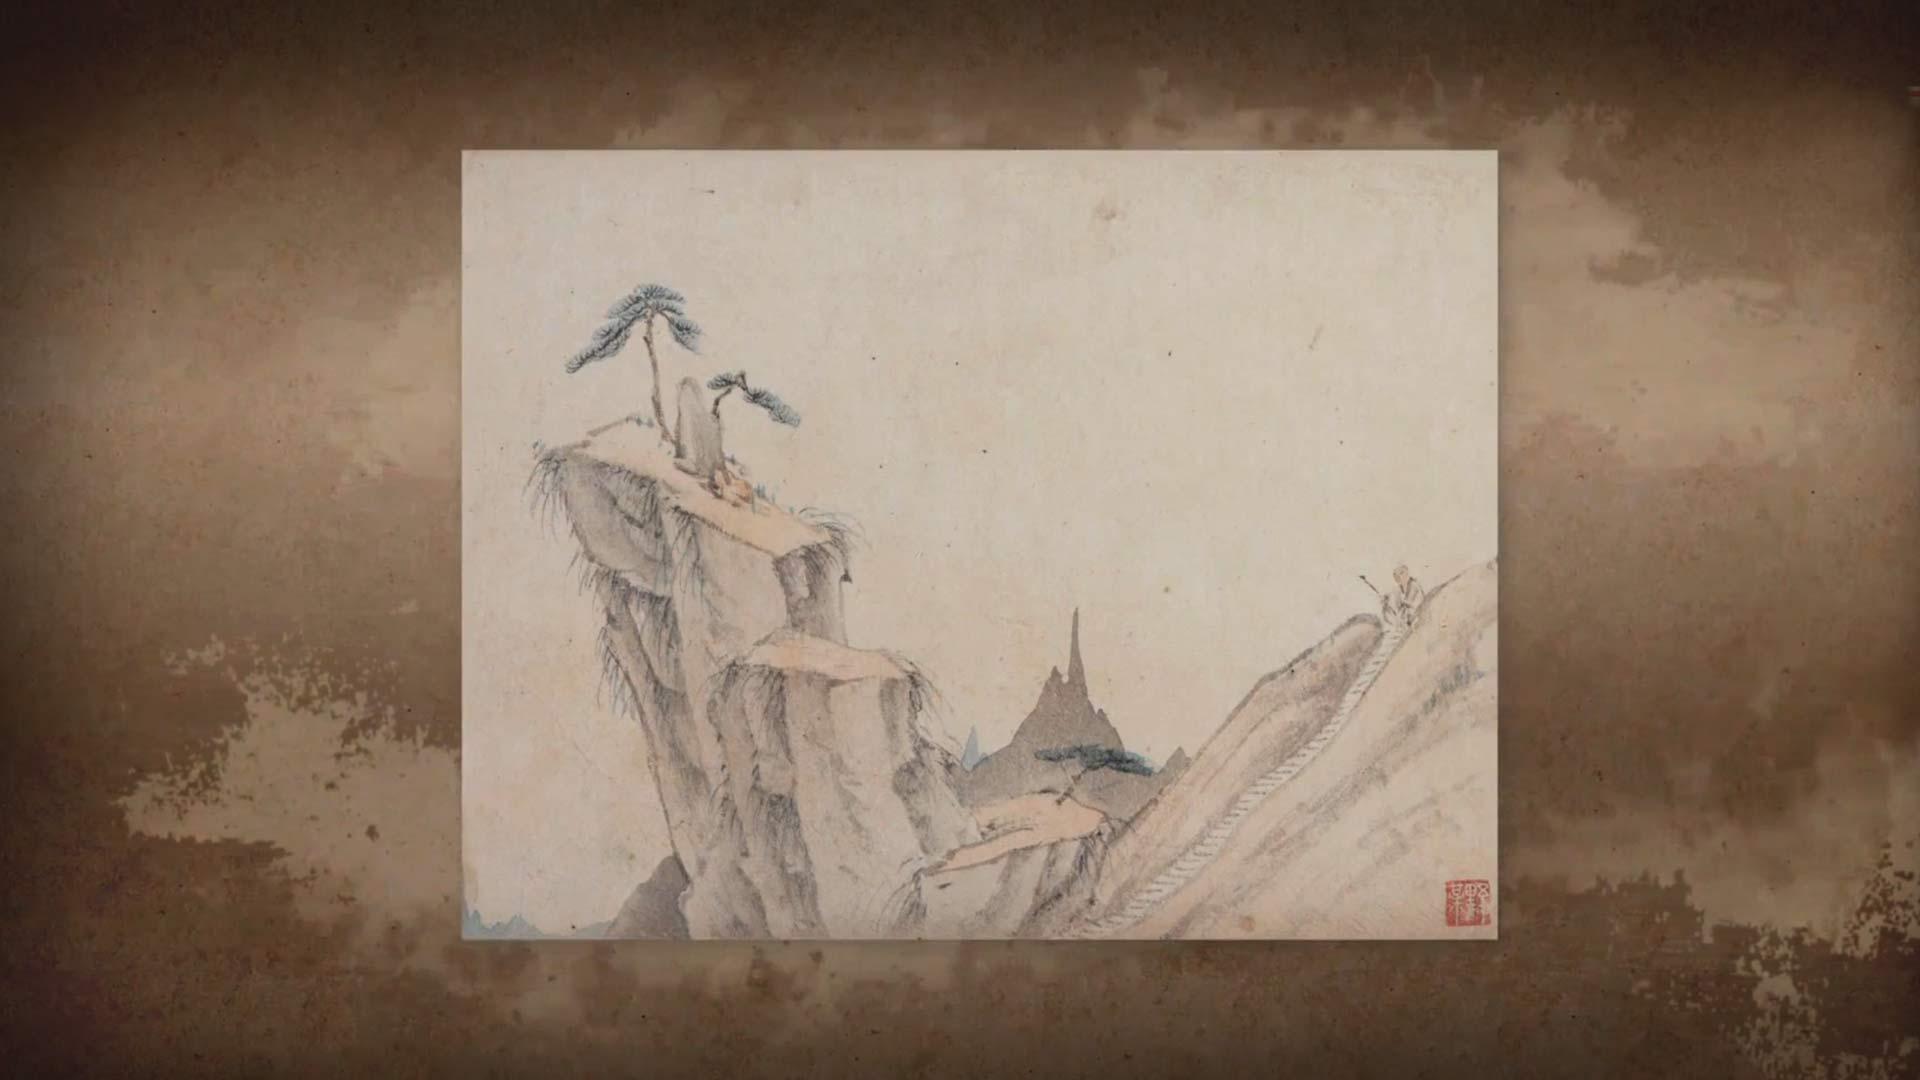 《呼吸美学-中国古画赏析》: 画里园林有洞天 (2021年)<p>画作提供:香港艺术馆虚白斋藏</p>